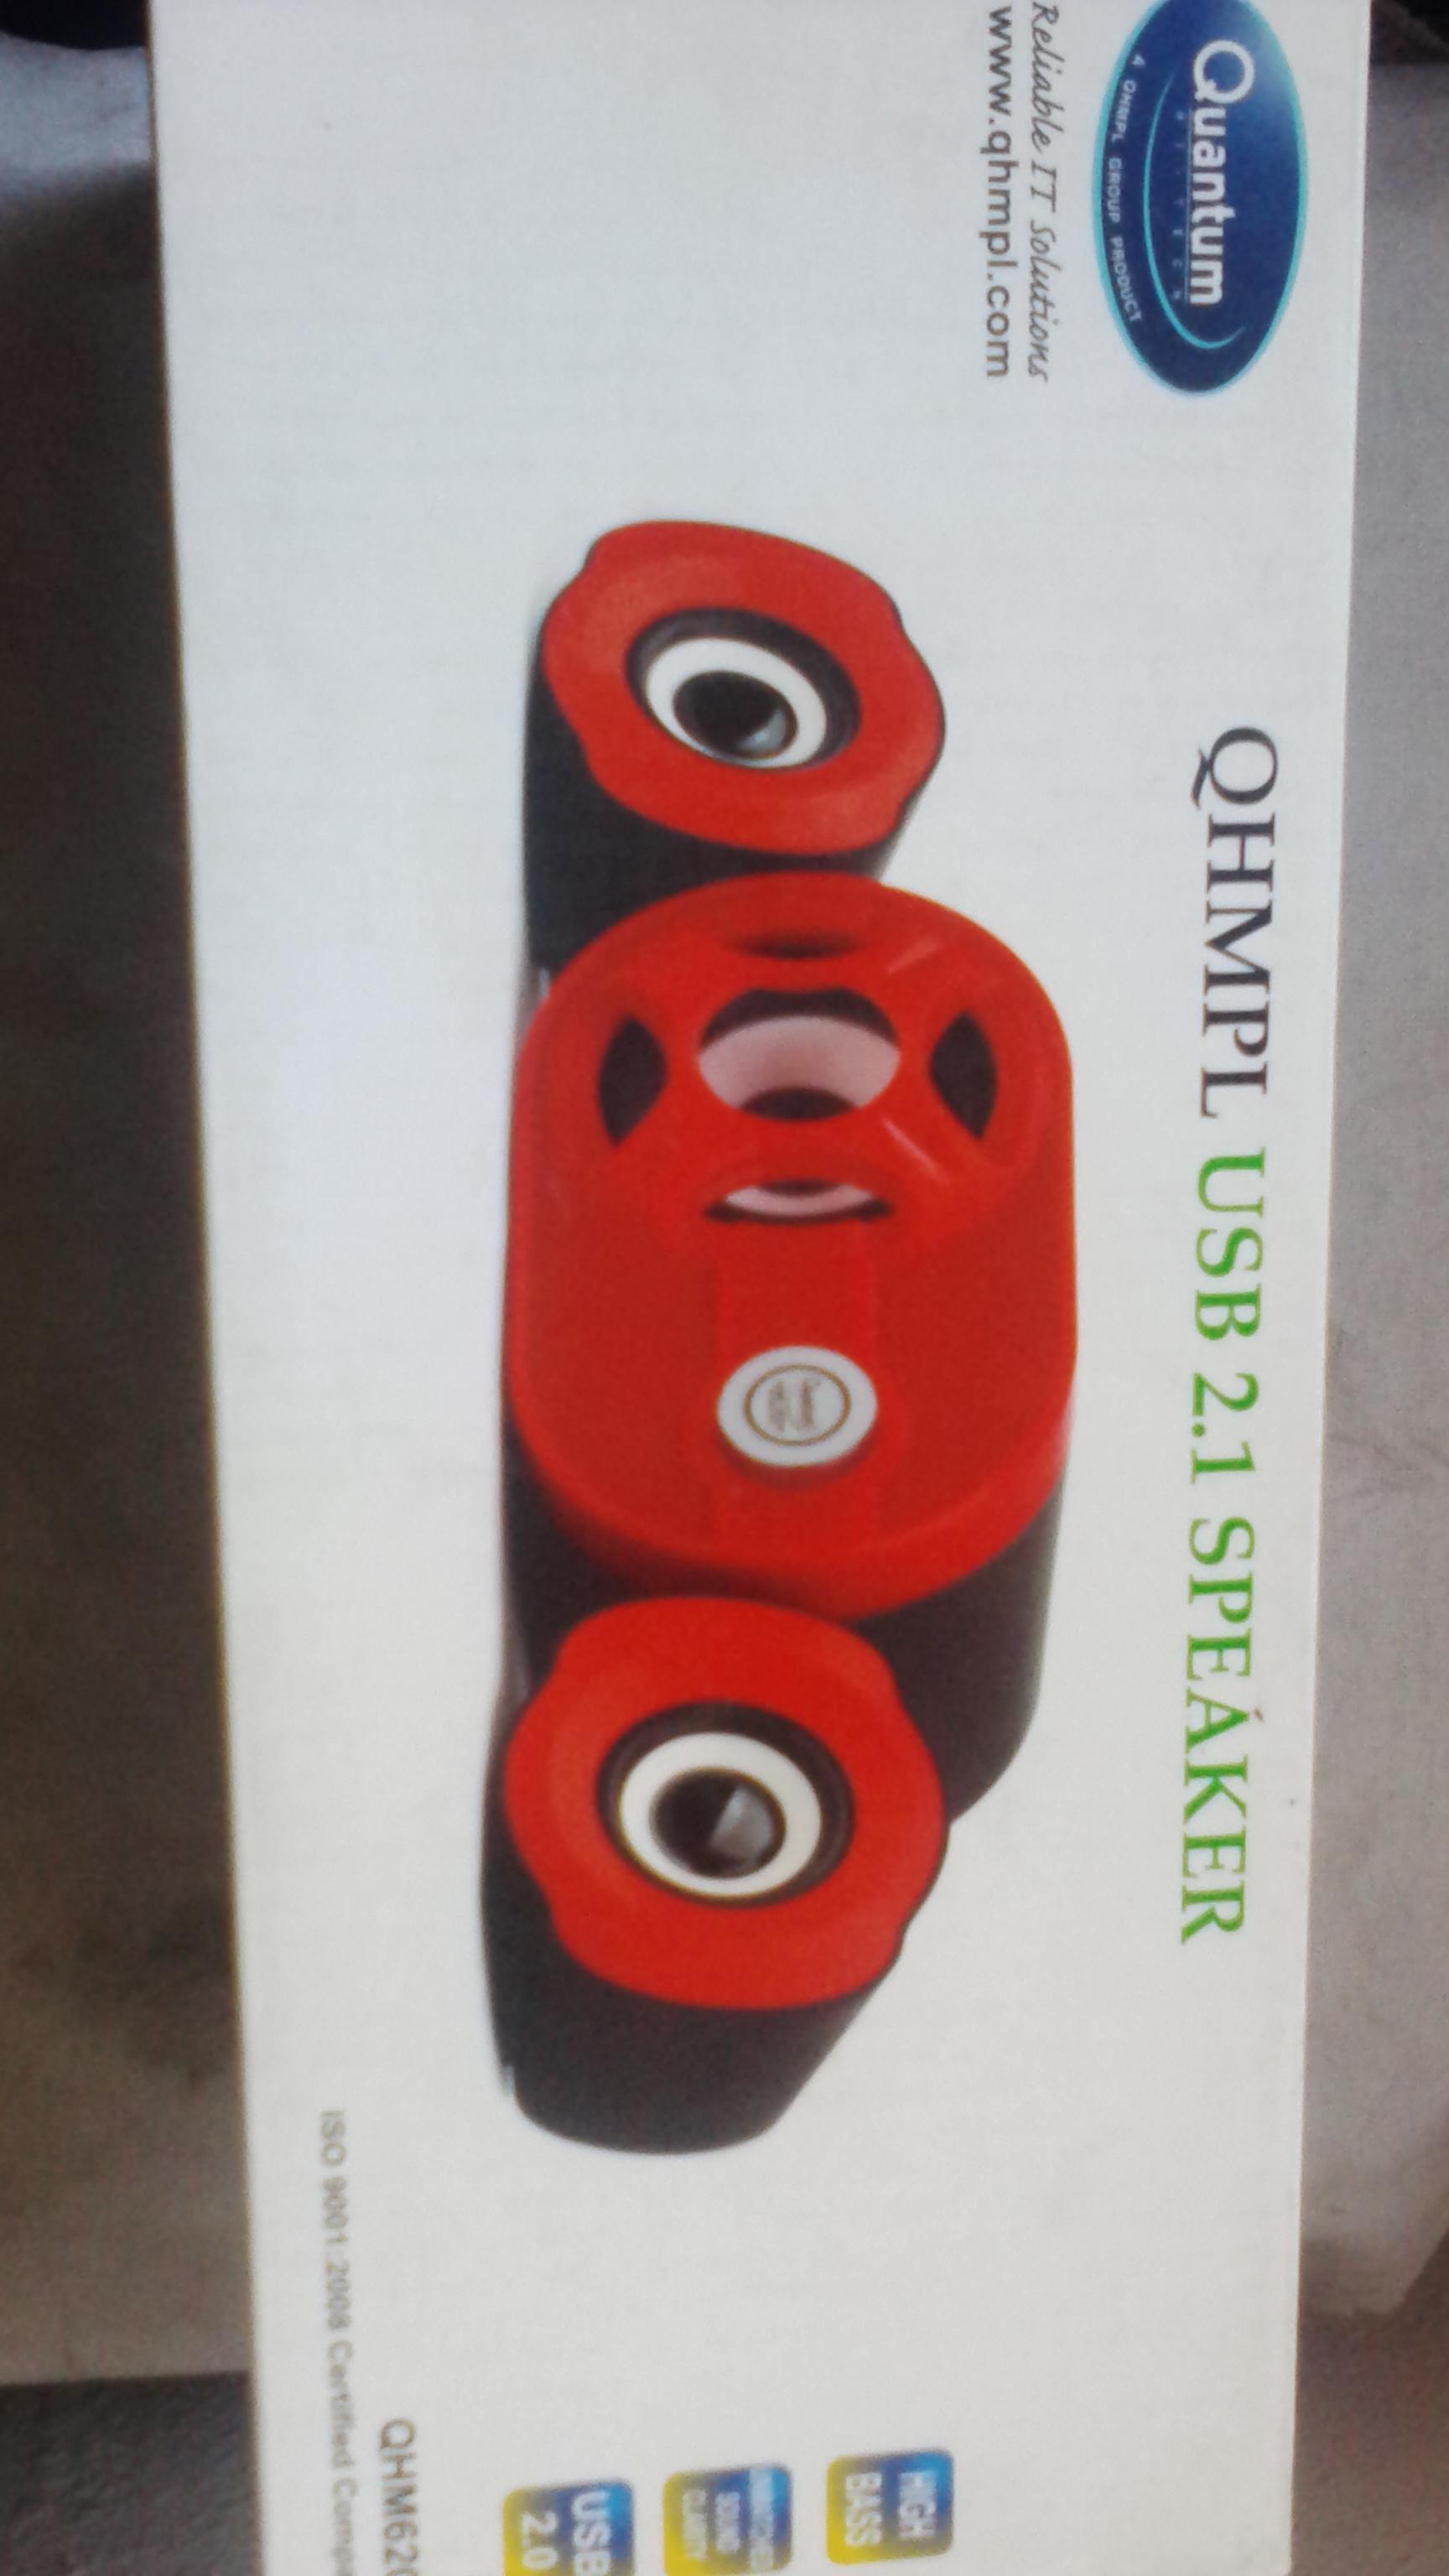 Quantum QHMPL USB 2.1 speaker model QHM6200 red color